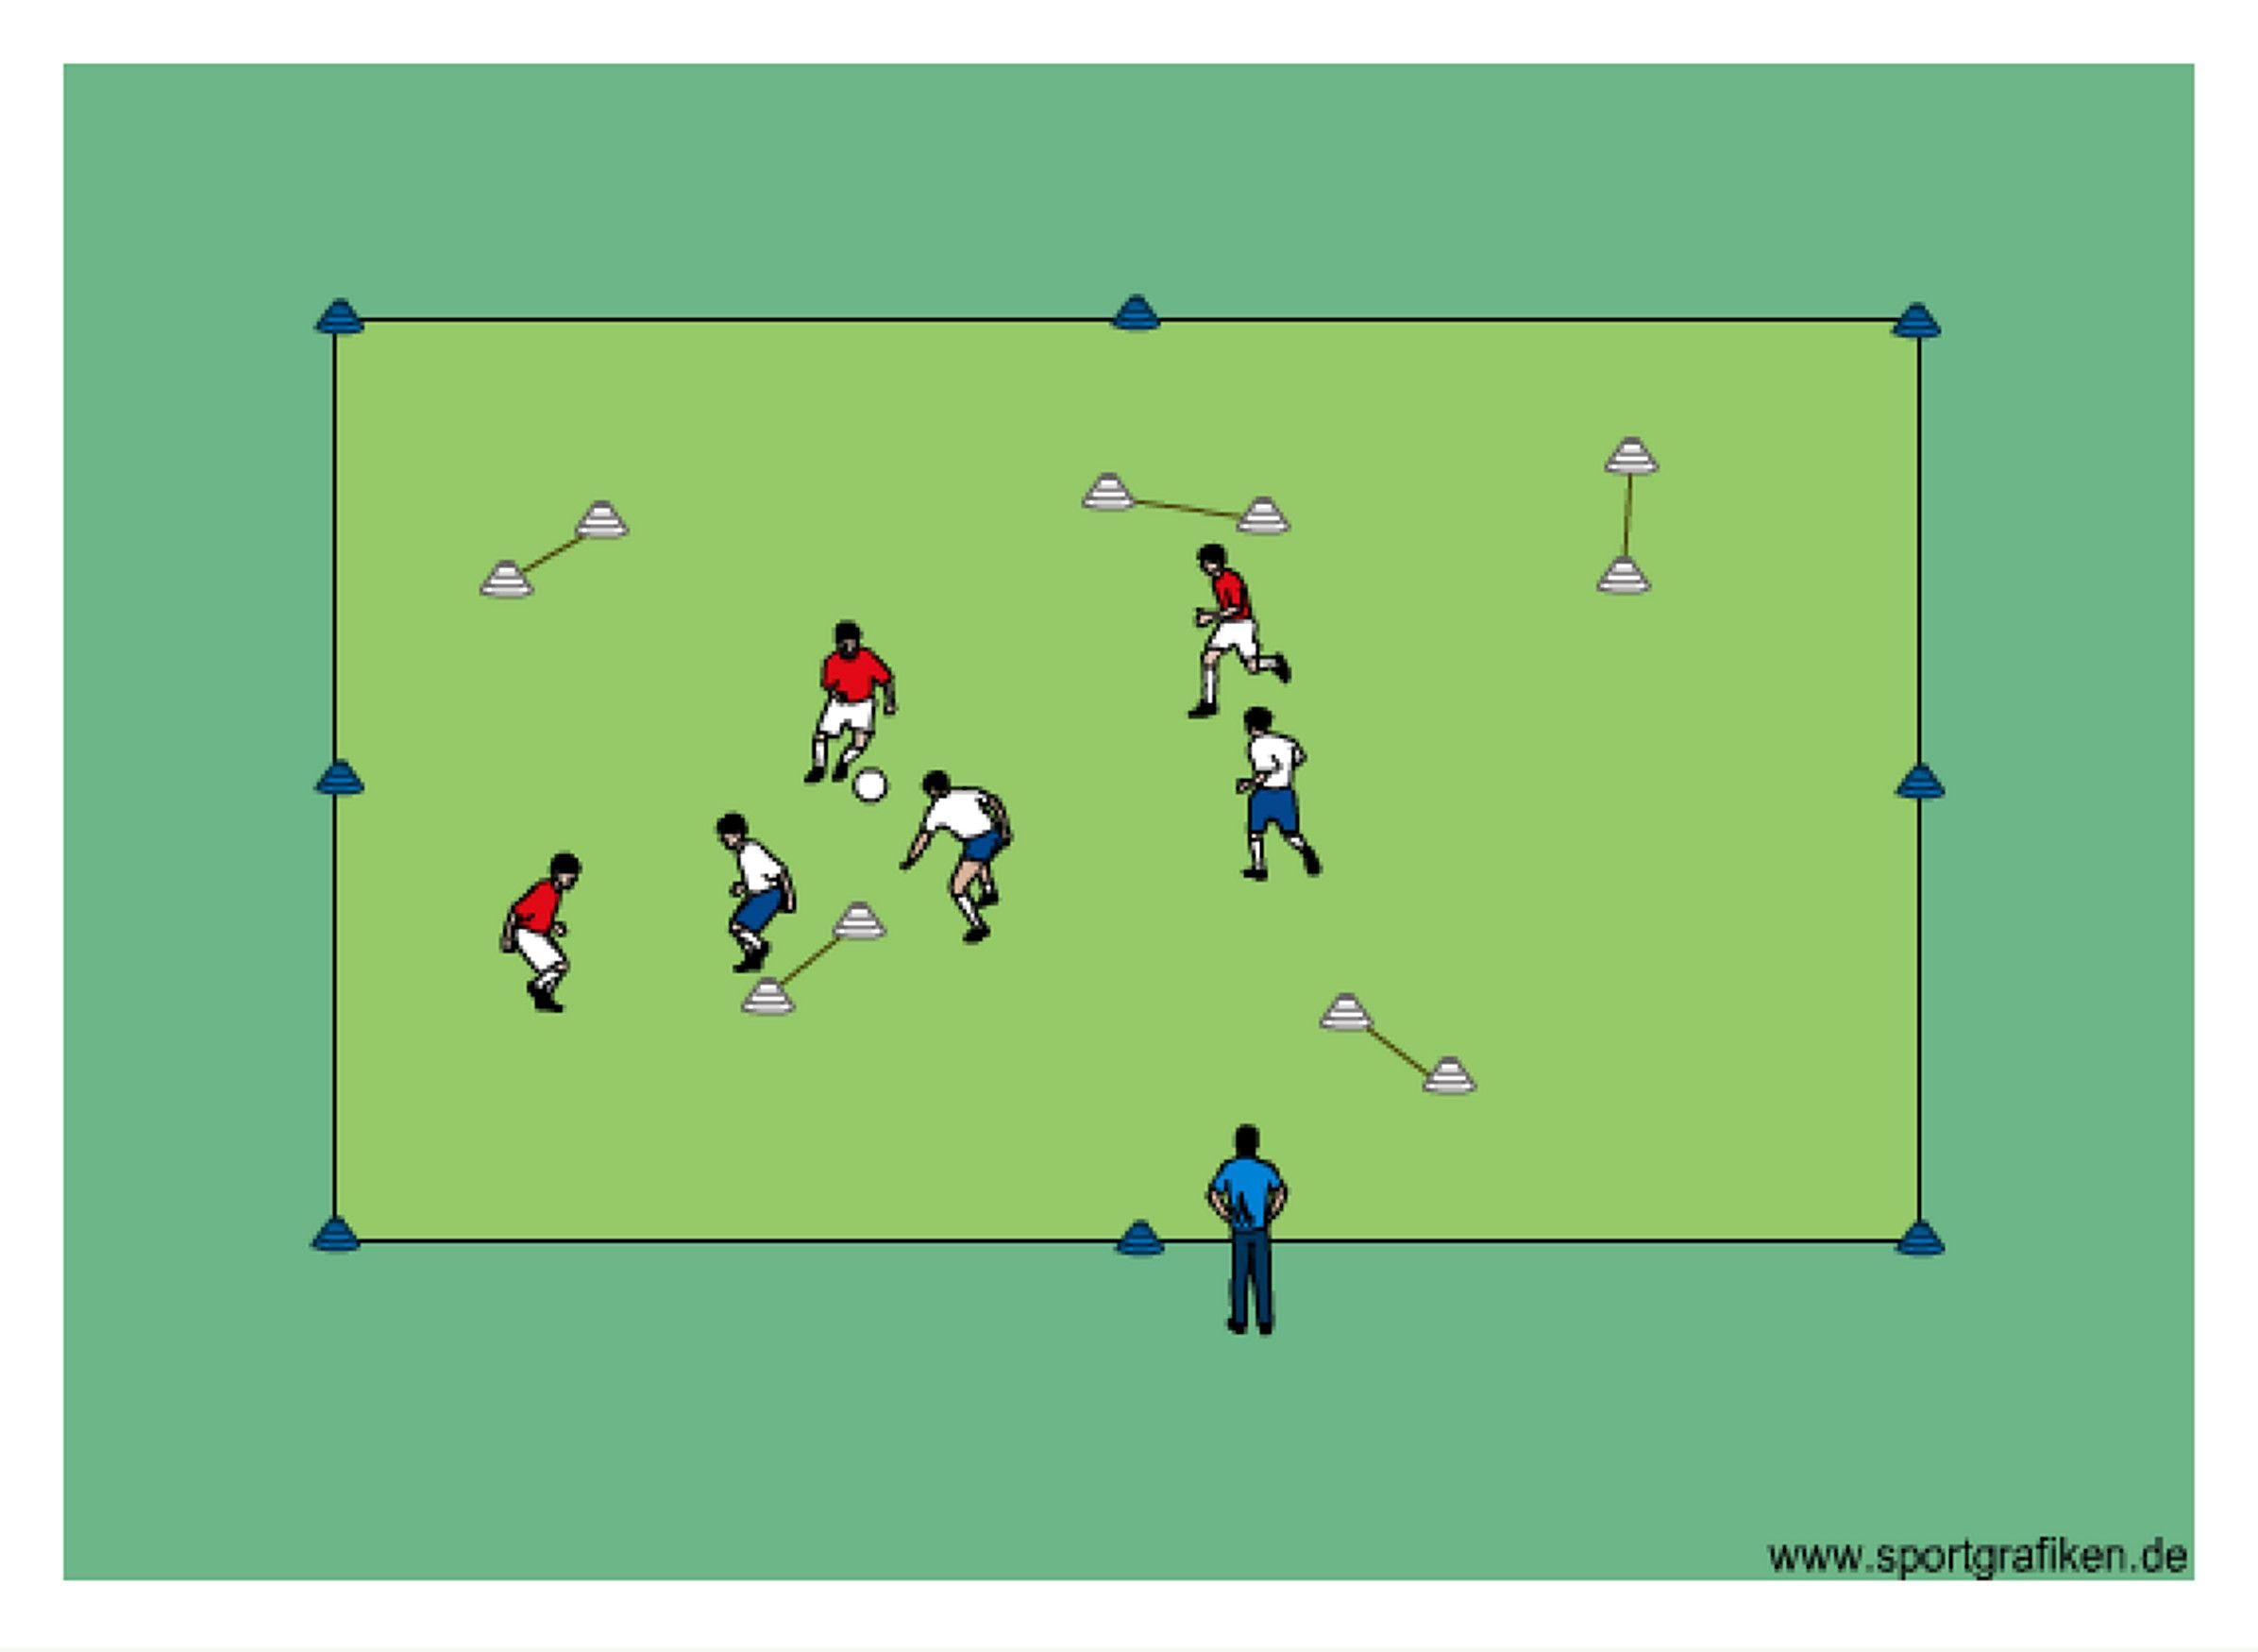 3v3 Cone Goals Top Soccer Drills Soccer drills, Soccer